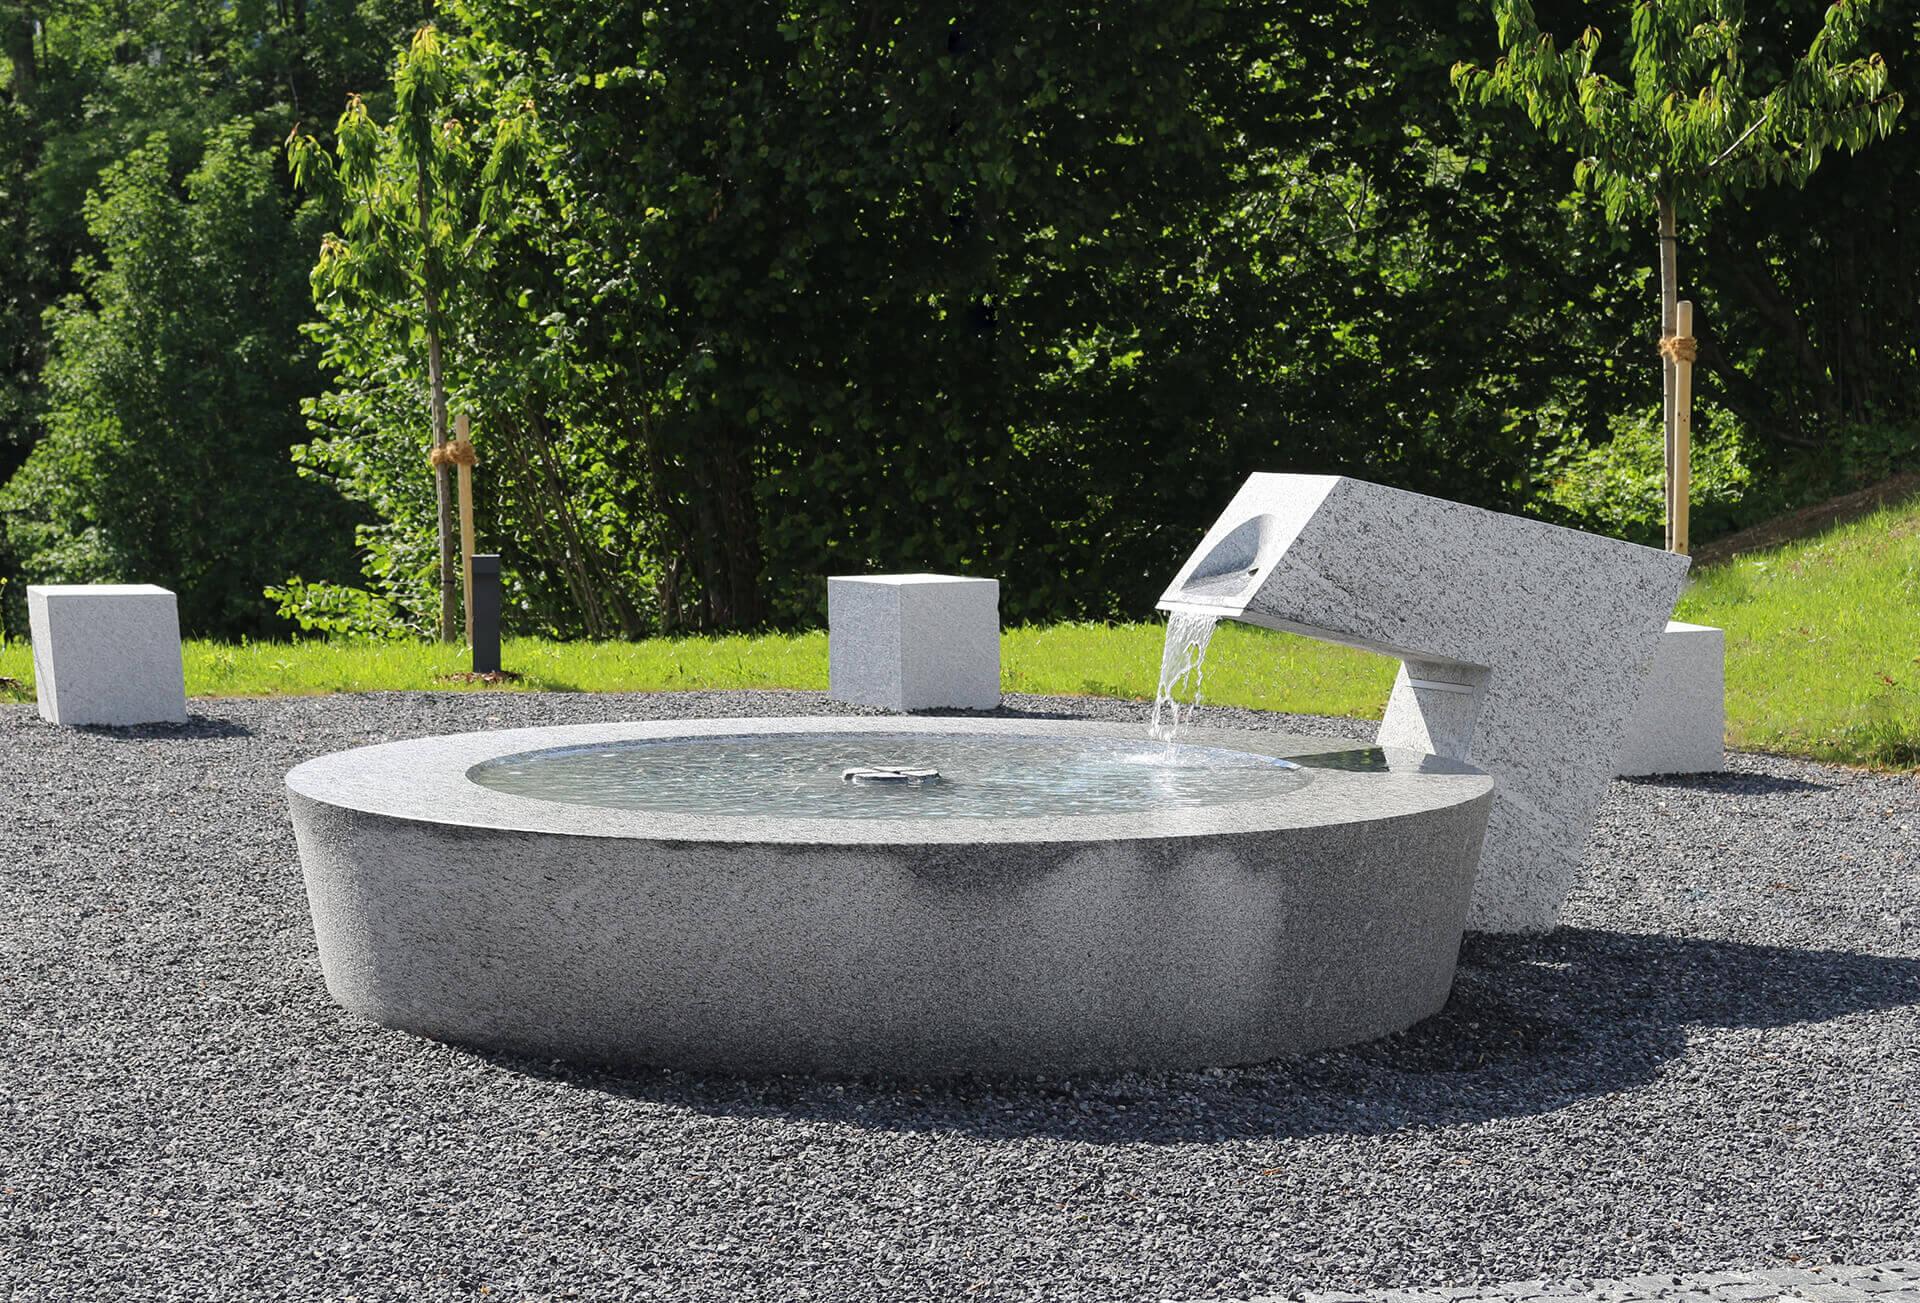 Steinerner Brunnen in der totalen Perspektive.